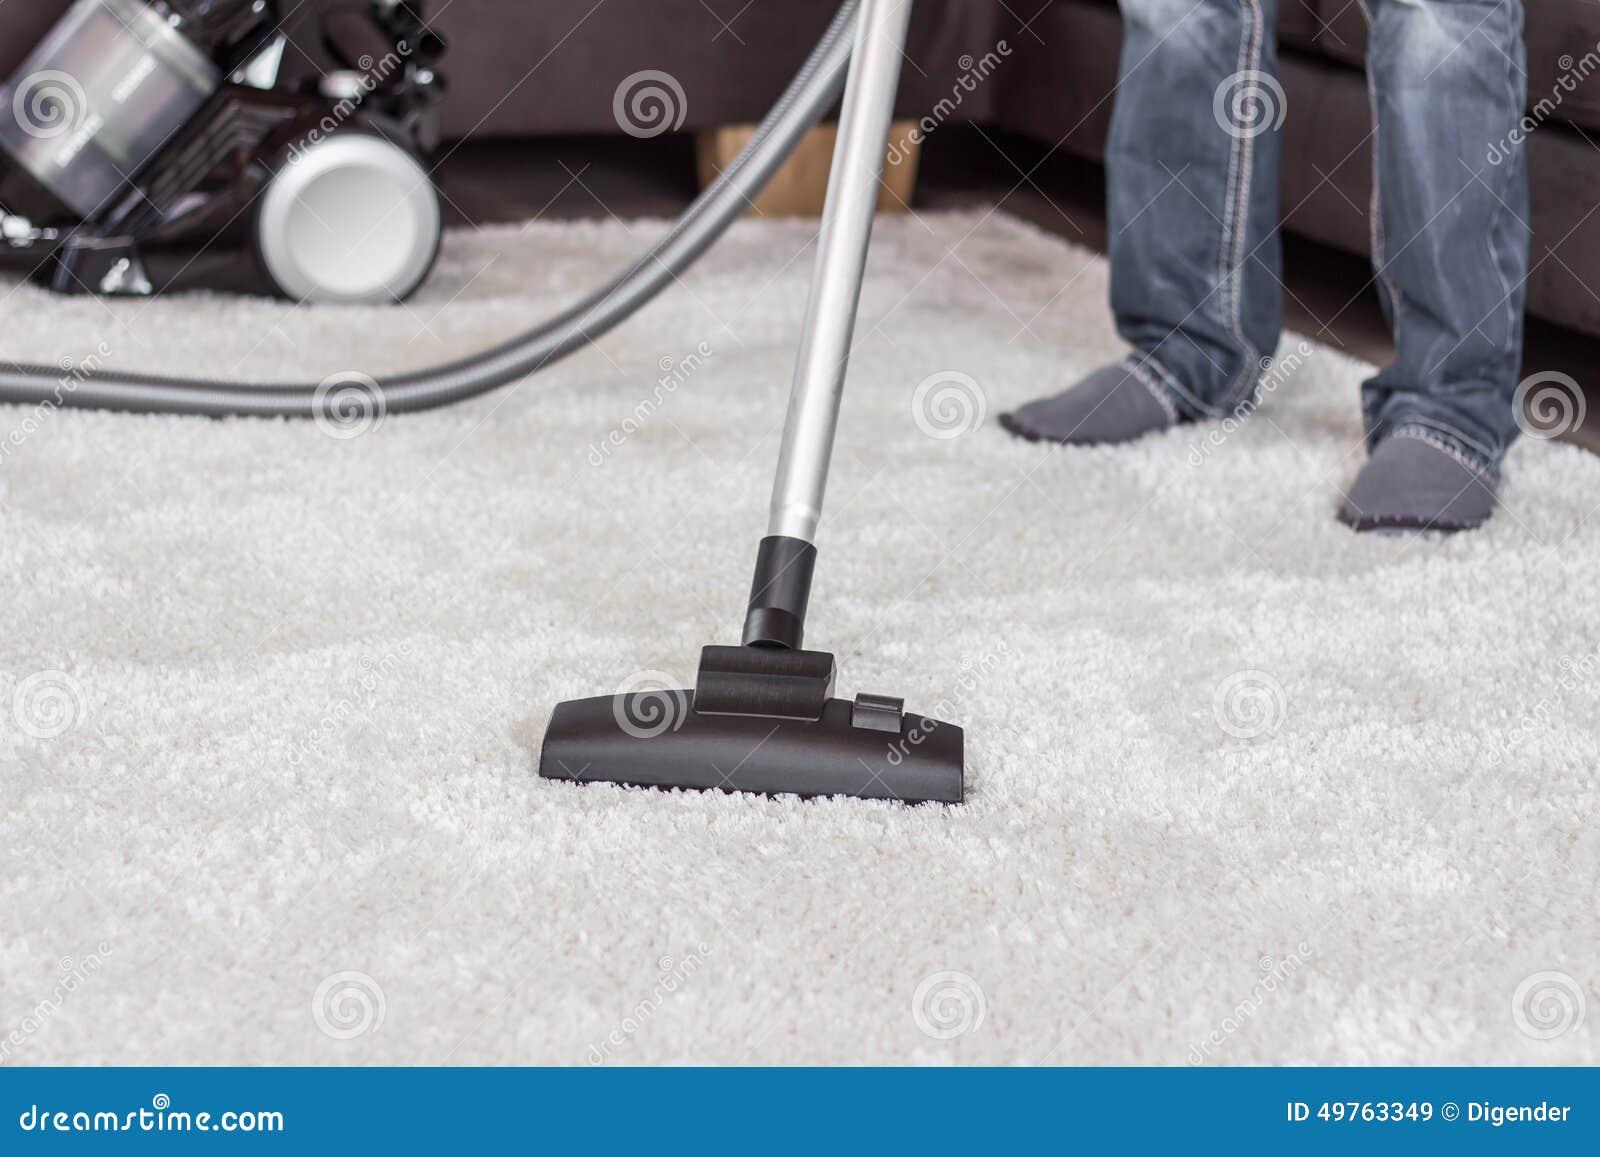 Un hombre limpia la alfombra con un aspirador